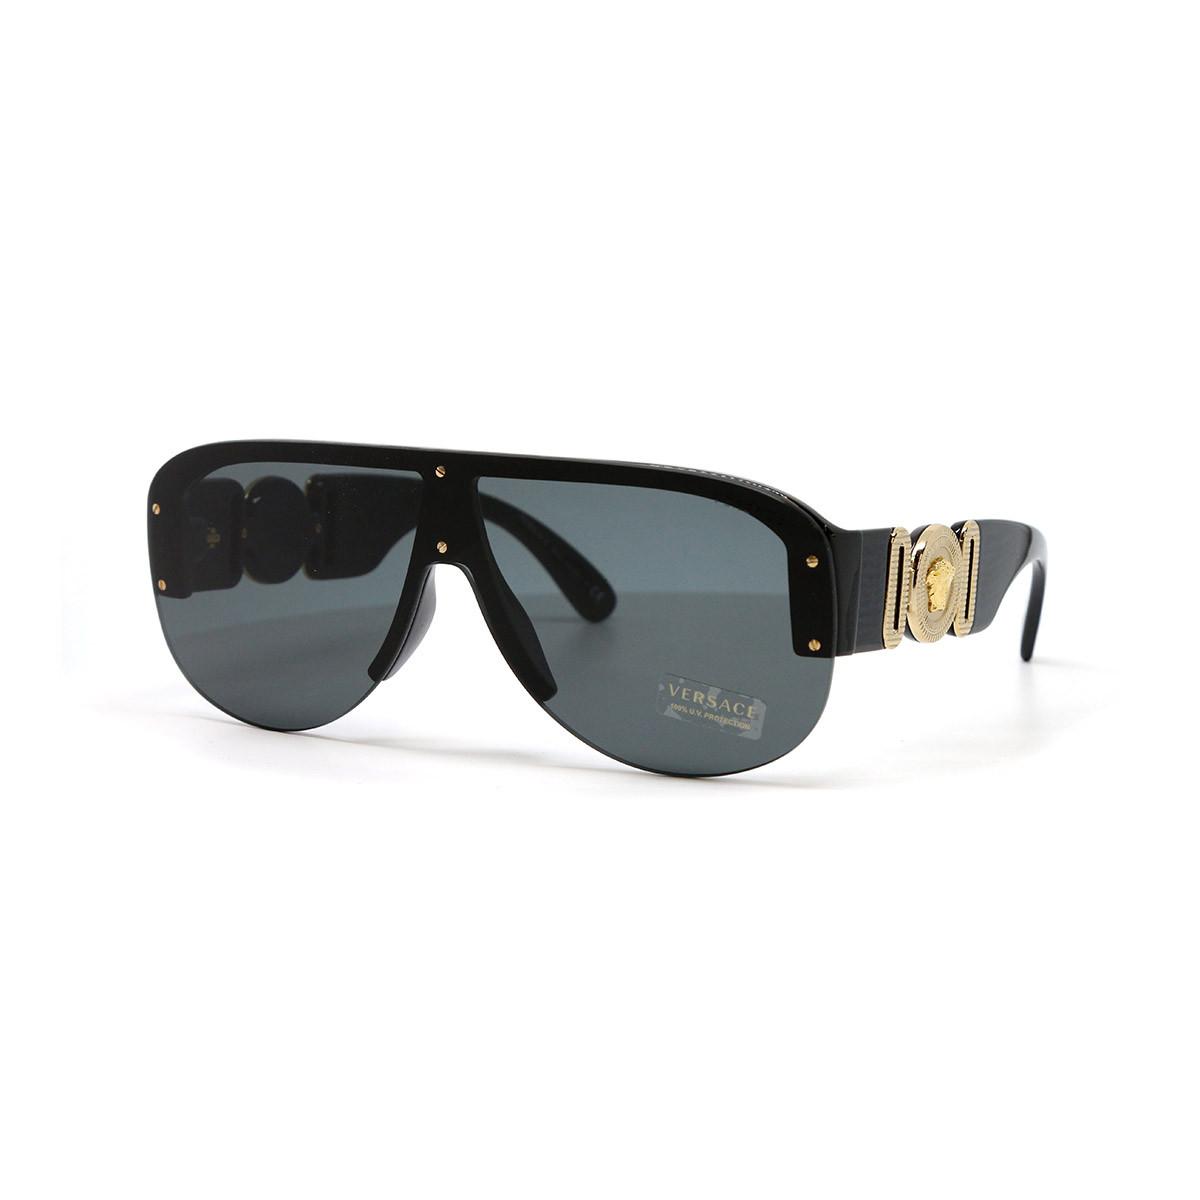 Солнцезащитные очки VE 4391 GB1/87 48 Фото №1 - linza.com.ua